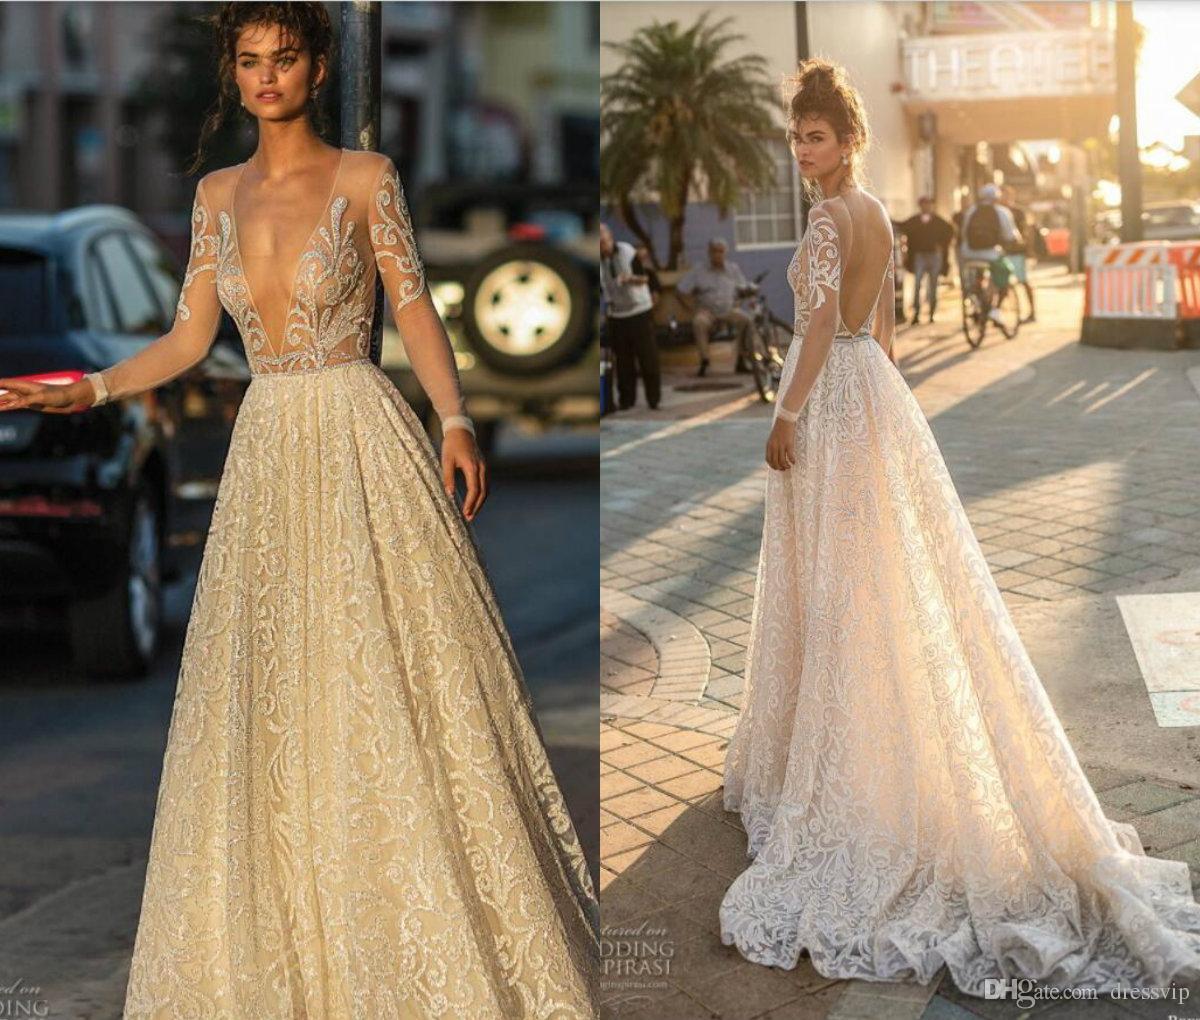 Weddings & Events Generous Cap Sleeve Bohemian V Neck Wedding Dresses 2019 Plus Size A-line Lace Tulle Beach Bride Dress Vestido De Noiva